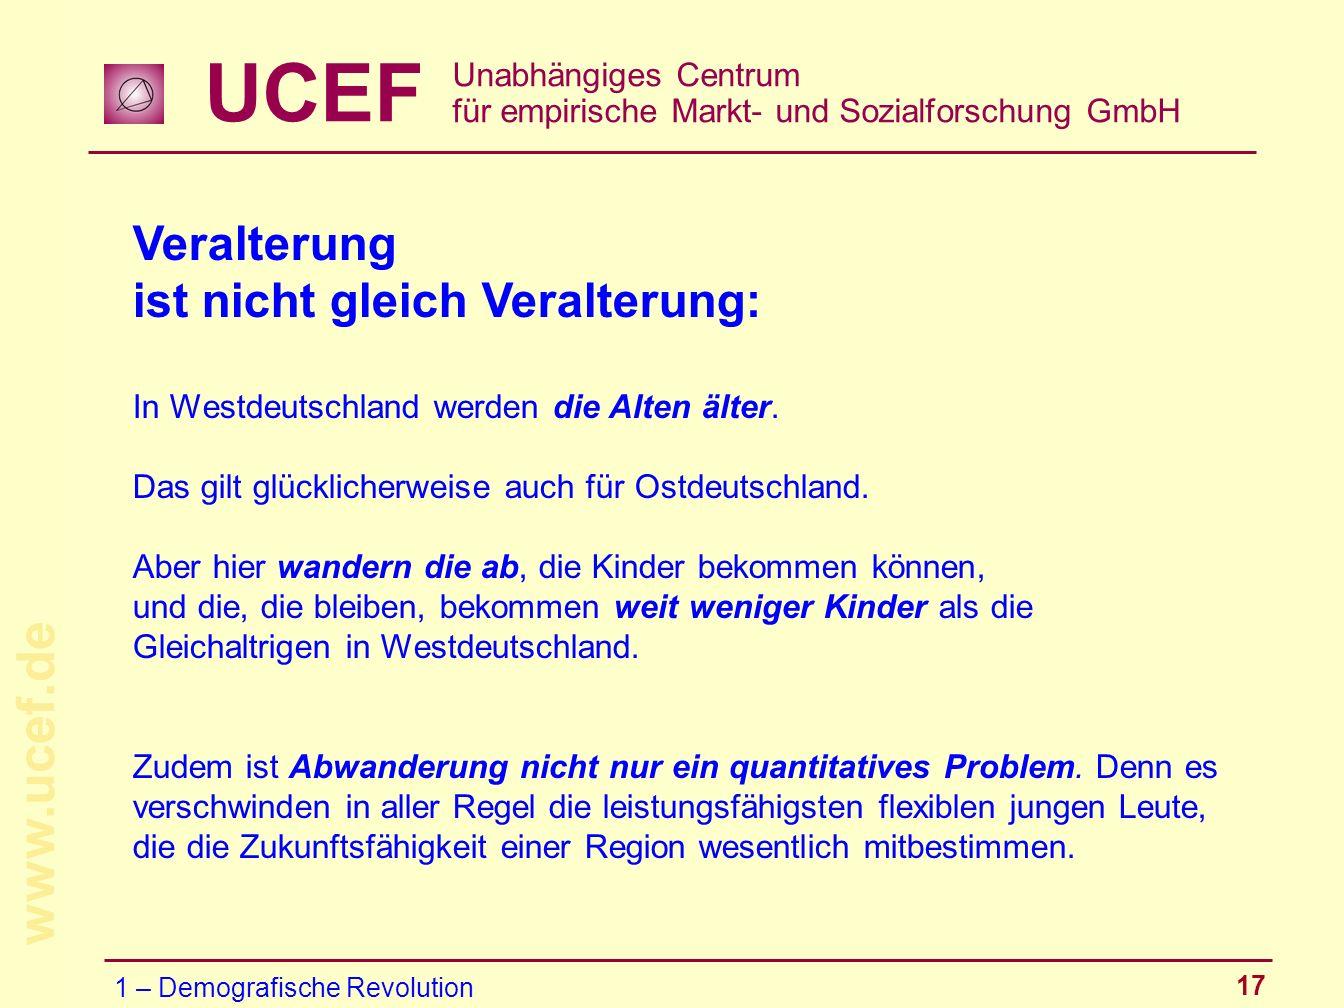 UCEF Unabhängiges Centrum für empirische Markt- und Sozialforschung GmbH www.ucef.de 17 Veralterung ist nicht gleich Veralterung: In Westdeutschland w